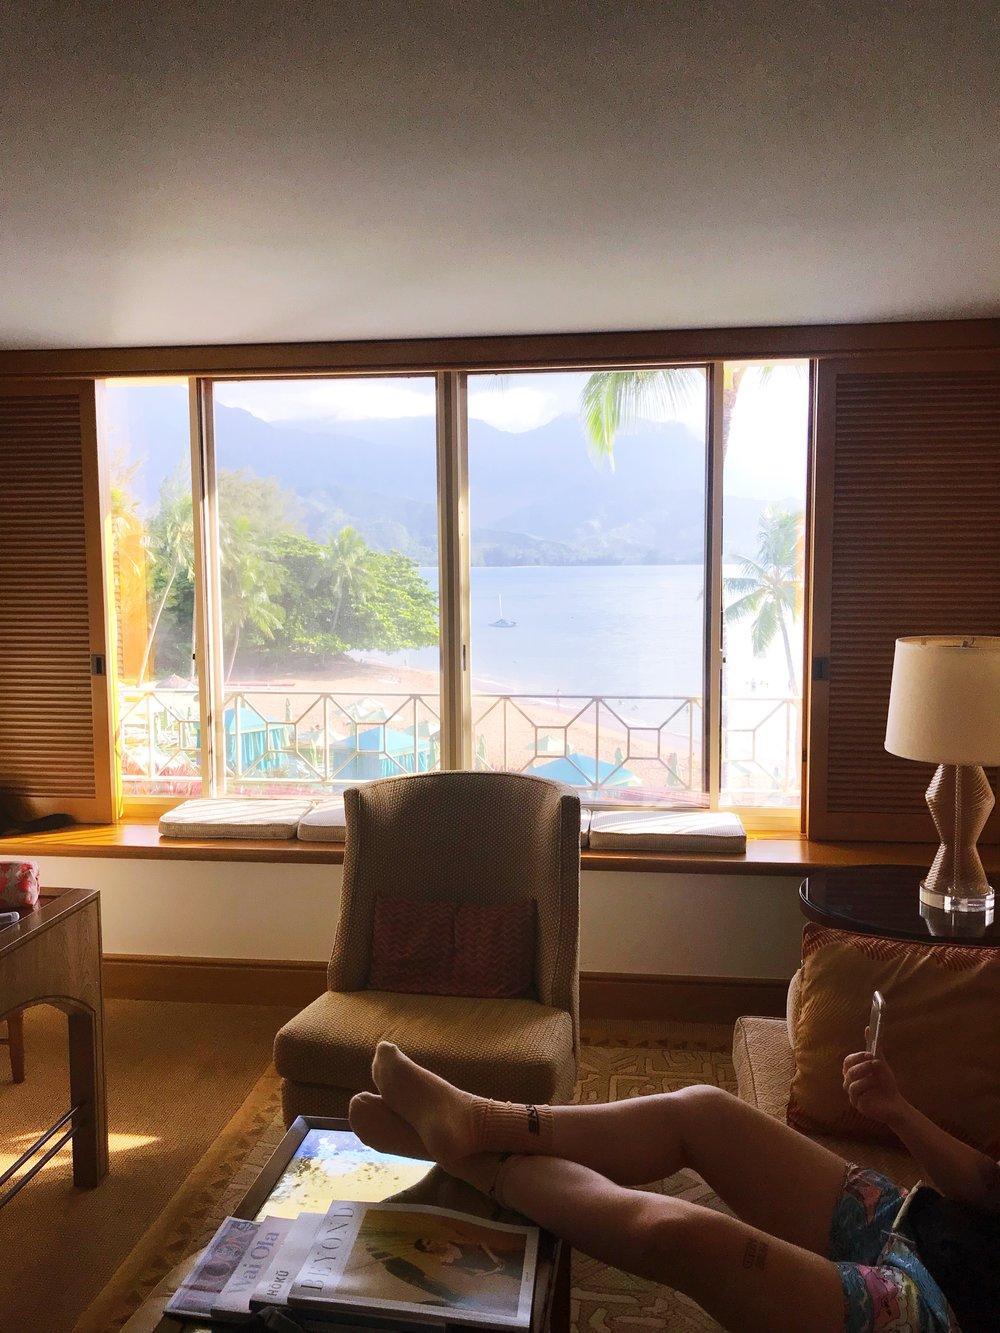 St_Regis_Kauai_Room